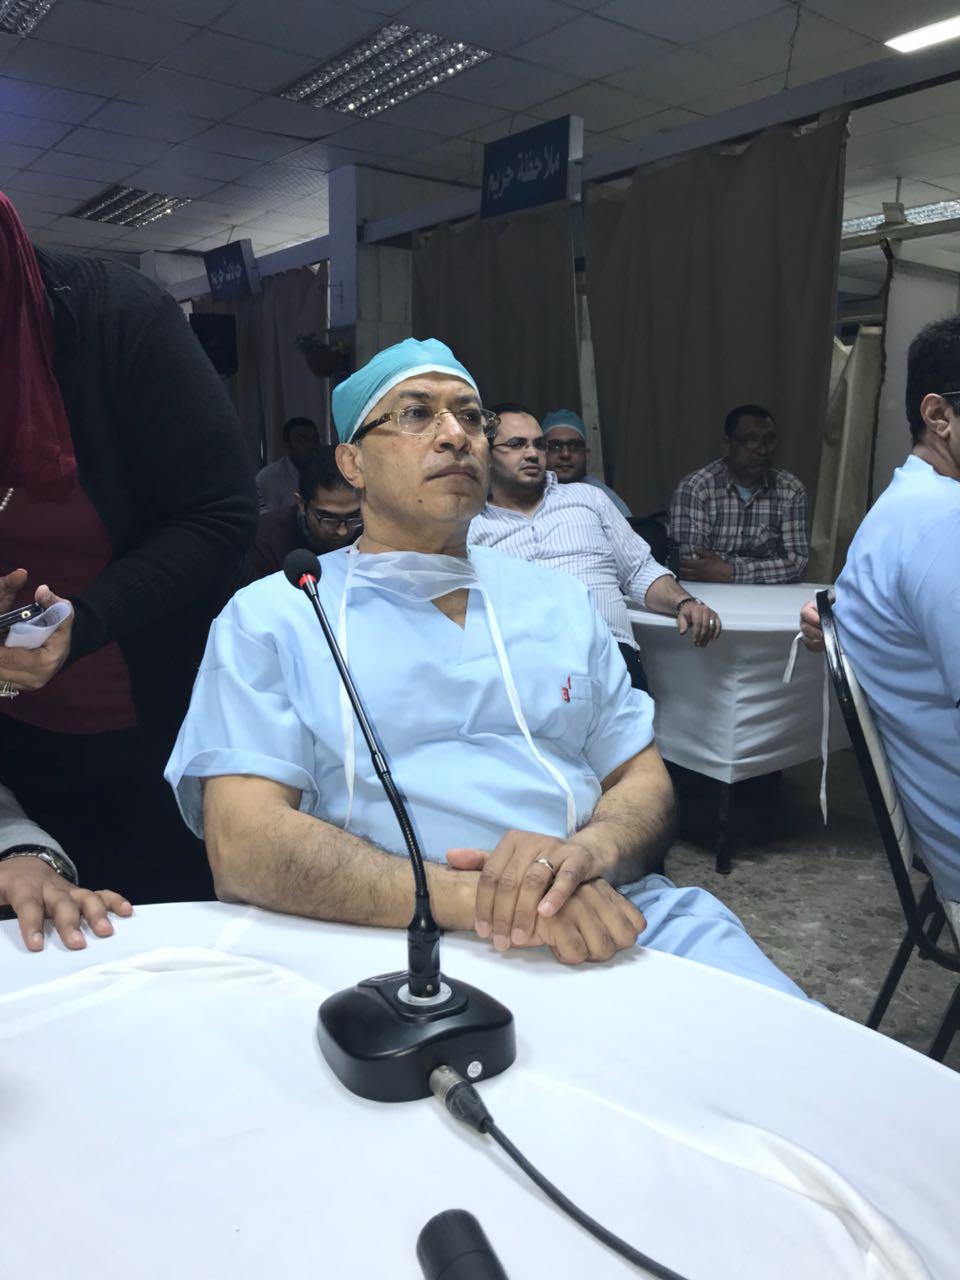 مستشفى الطوارئ بجامعة المنصورة تستضيف خبير ألماني (1)